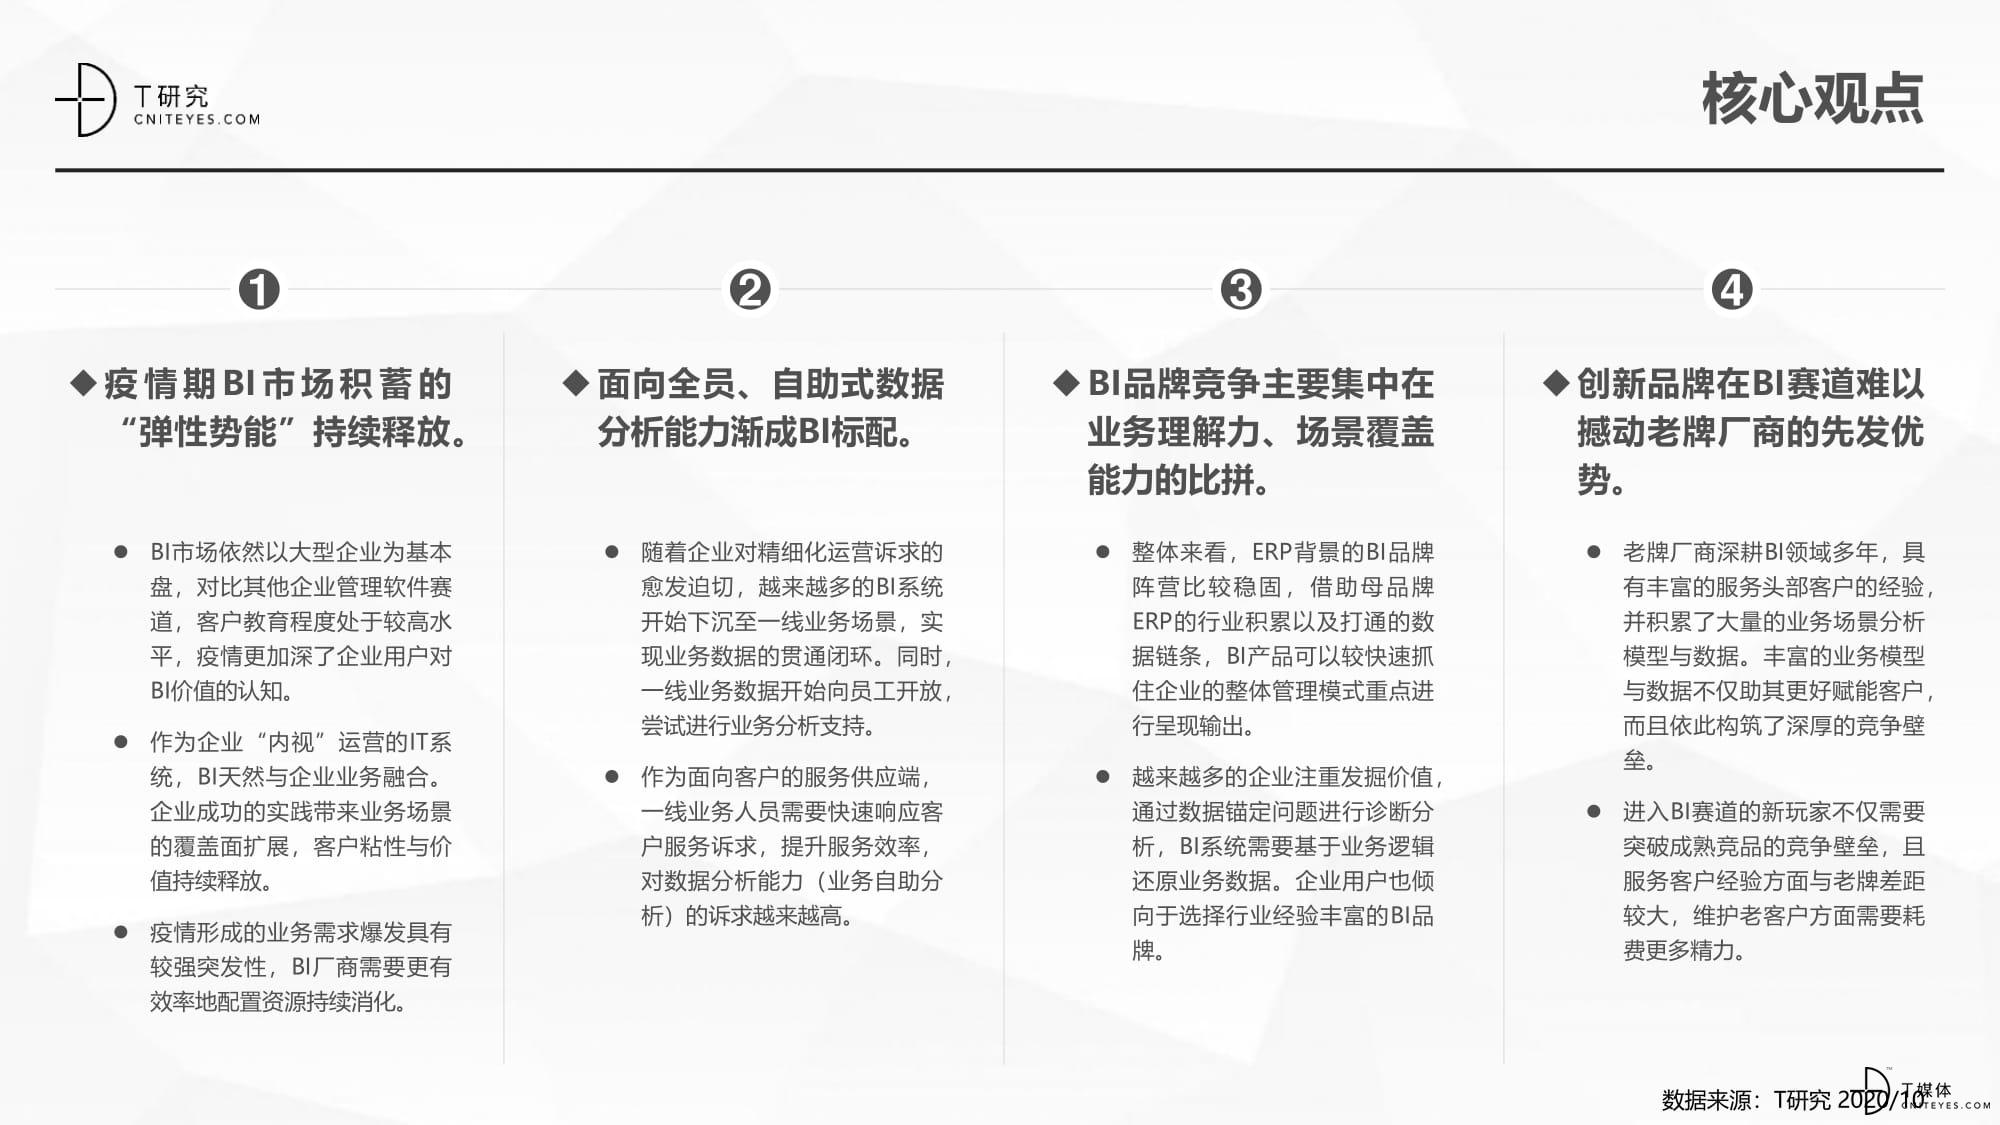 2020中国BI指数测评报告-04.jpg